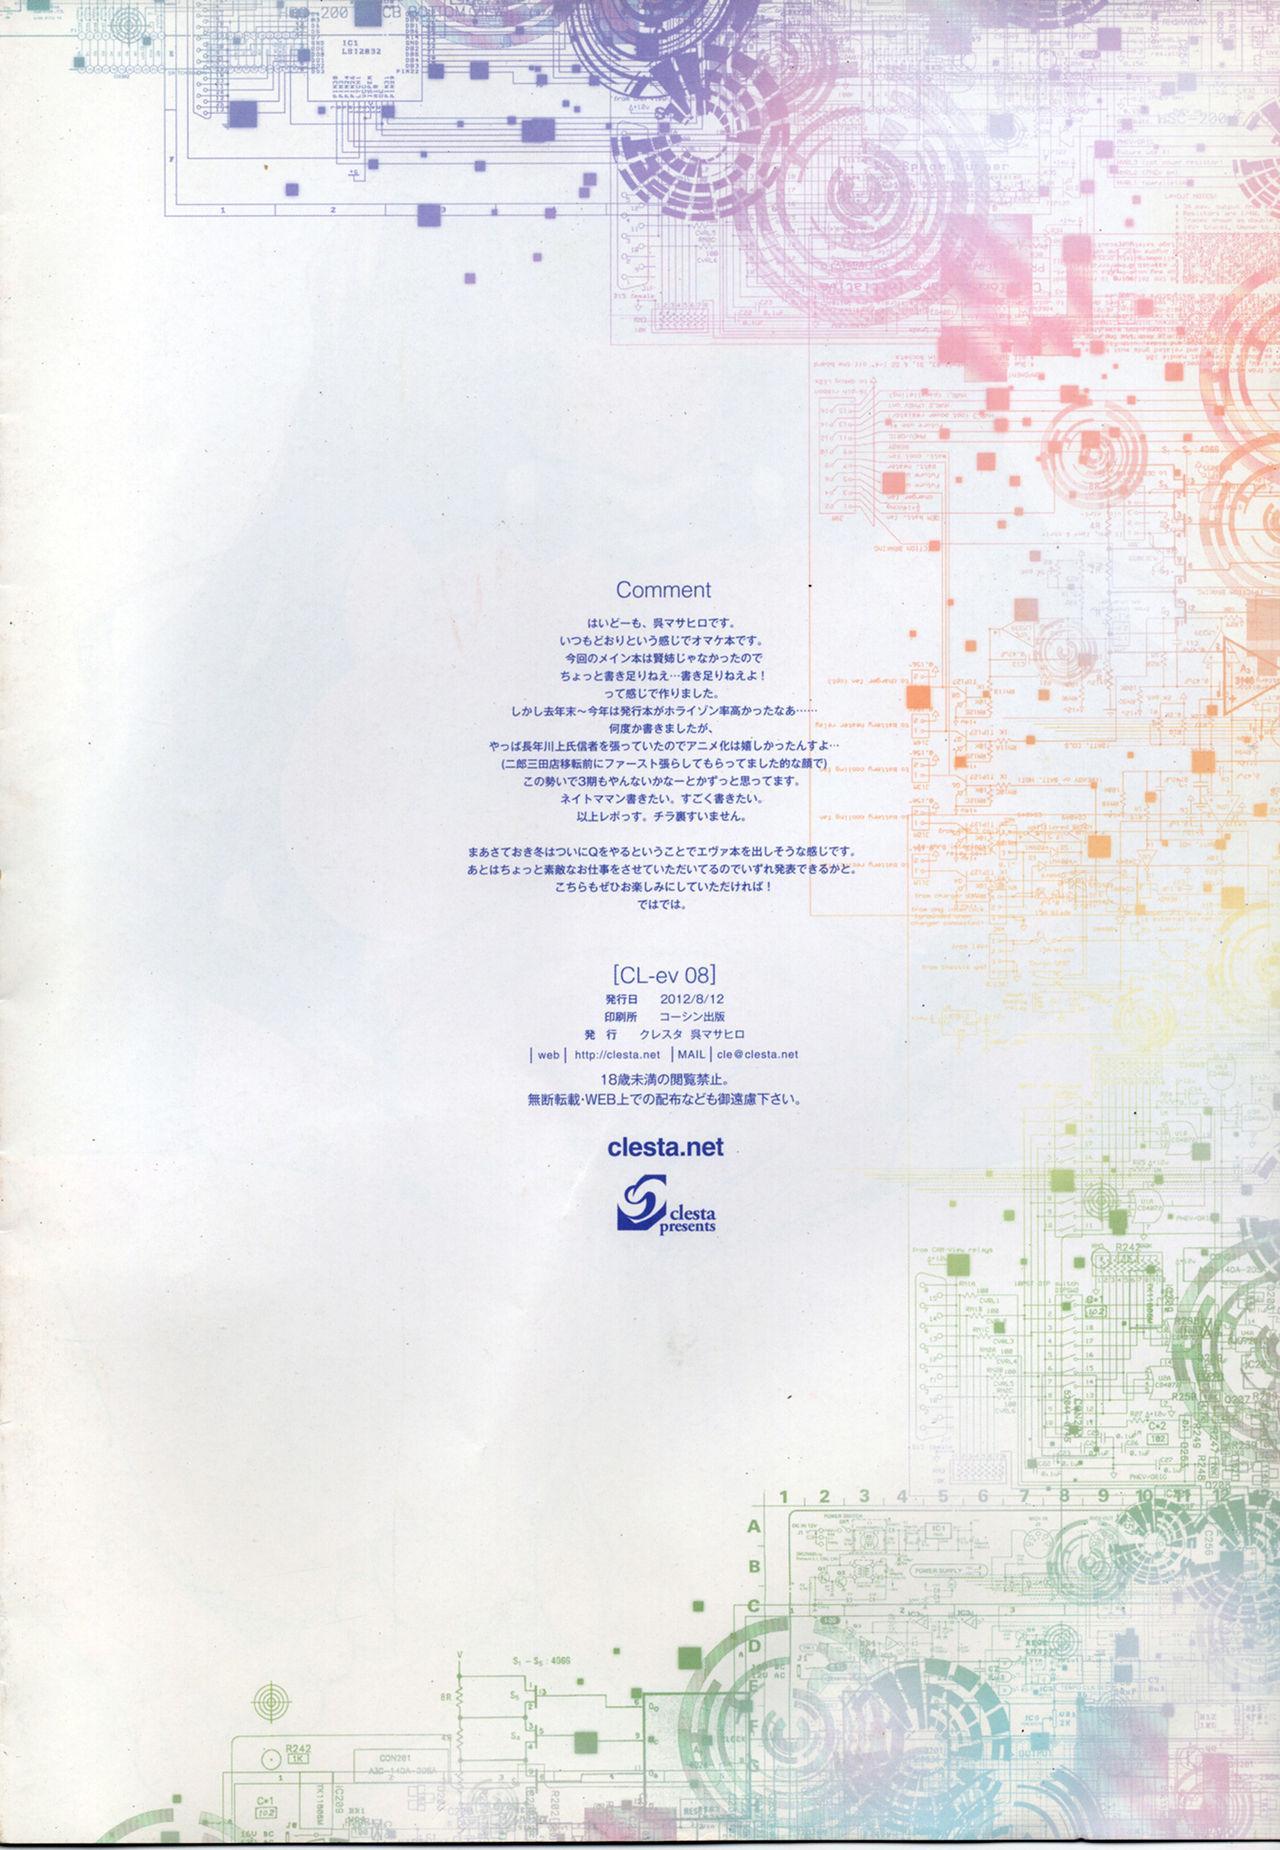 CL-ev 08 7